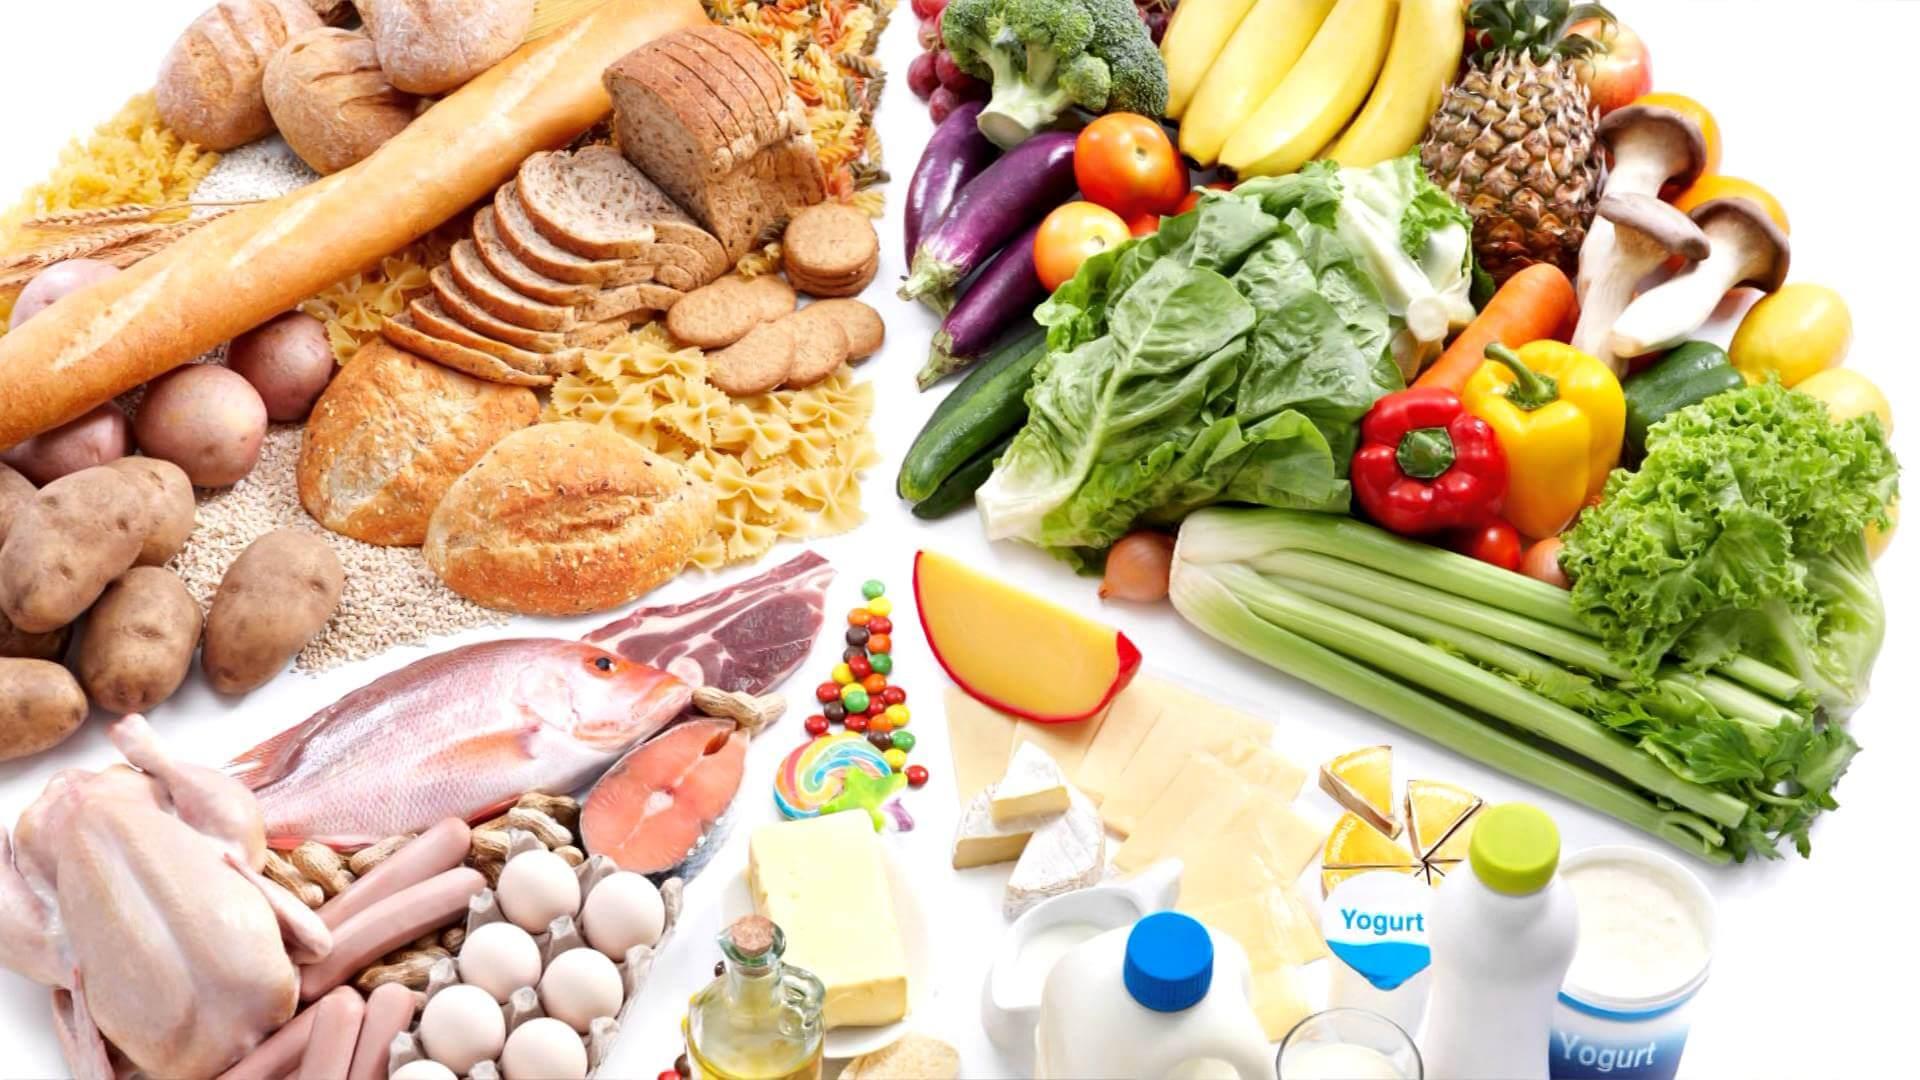 безбелковая диета для похудения меню на неделю